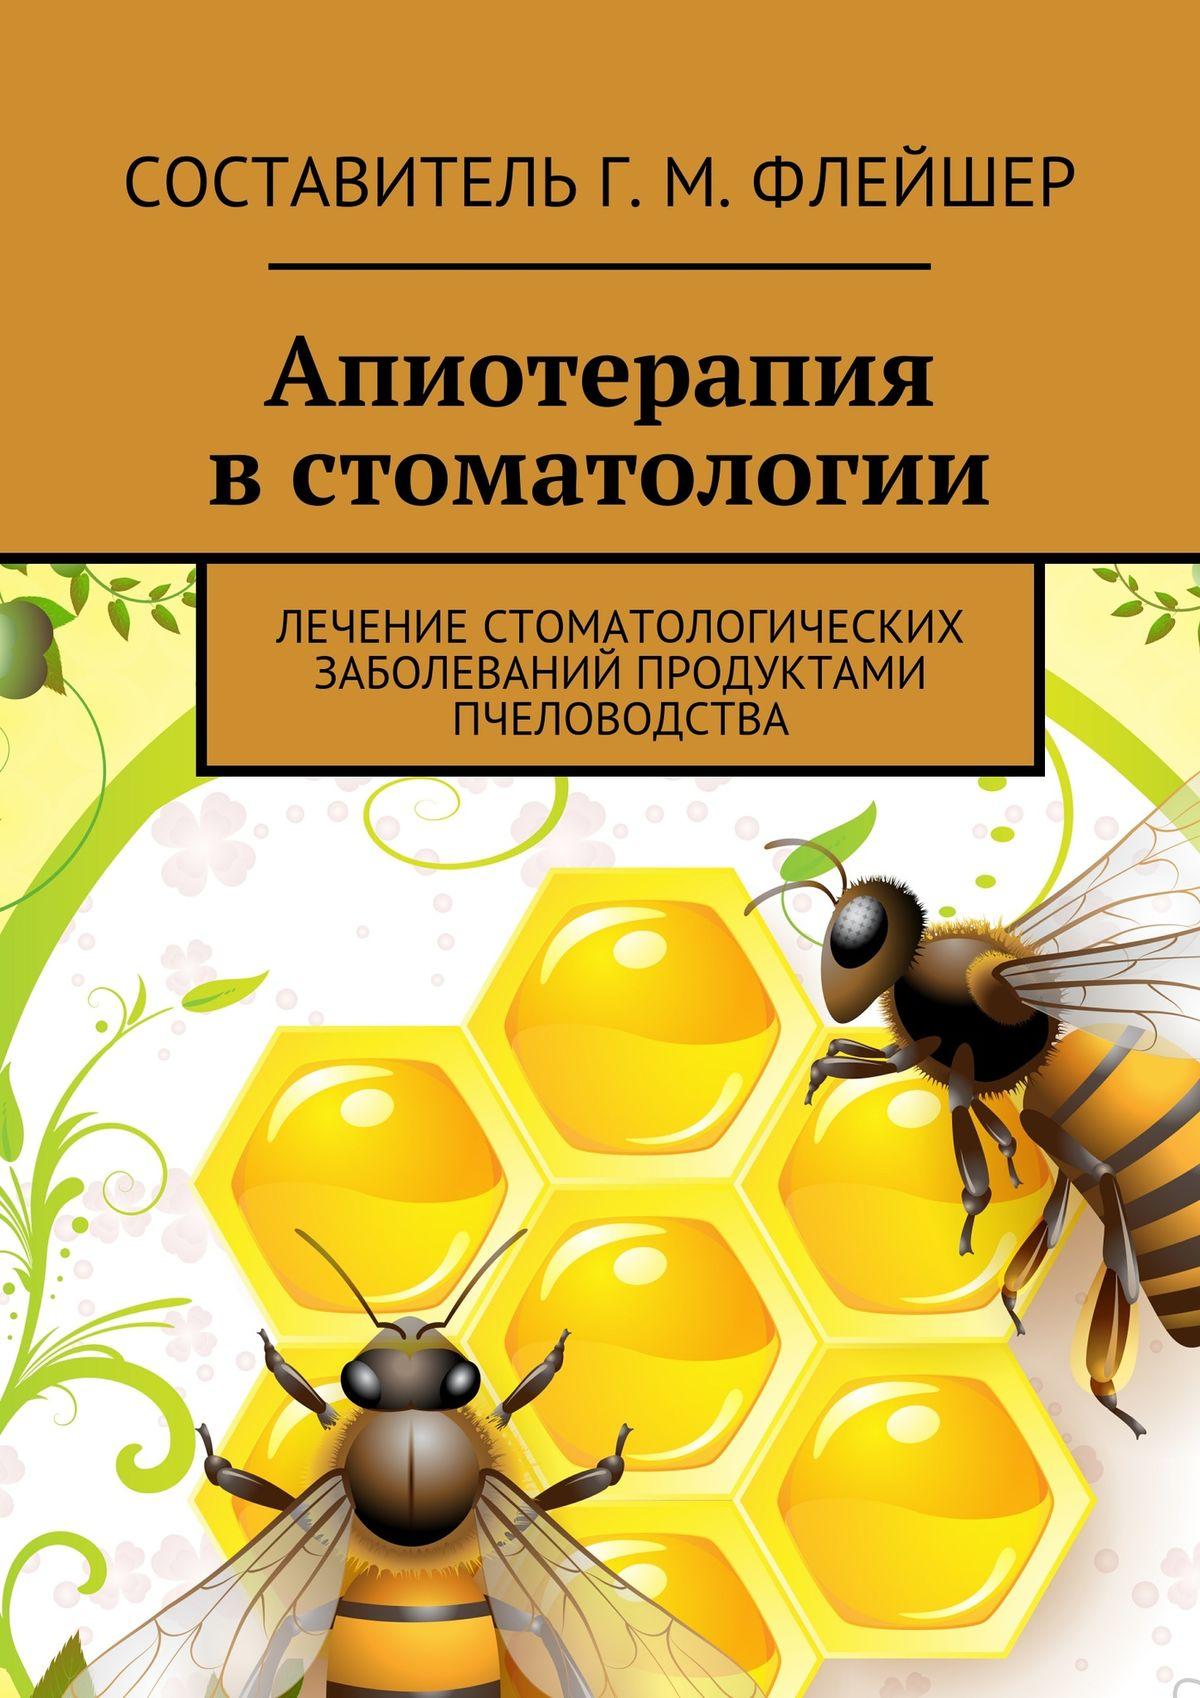 Апиотерапия встоматологии. Лечение стоматологических заболеваний продуктами пчеловодства